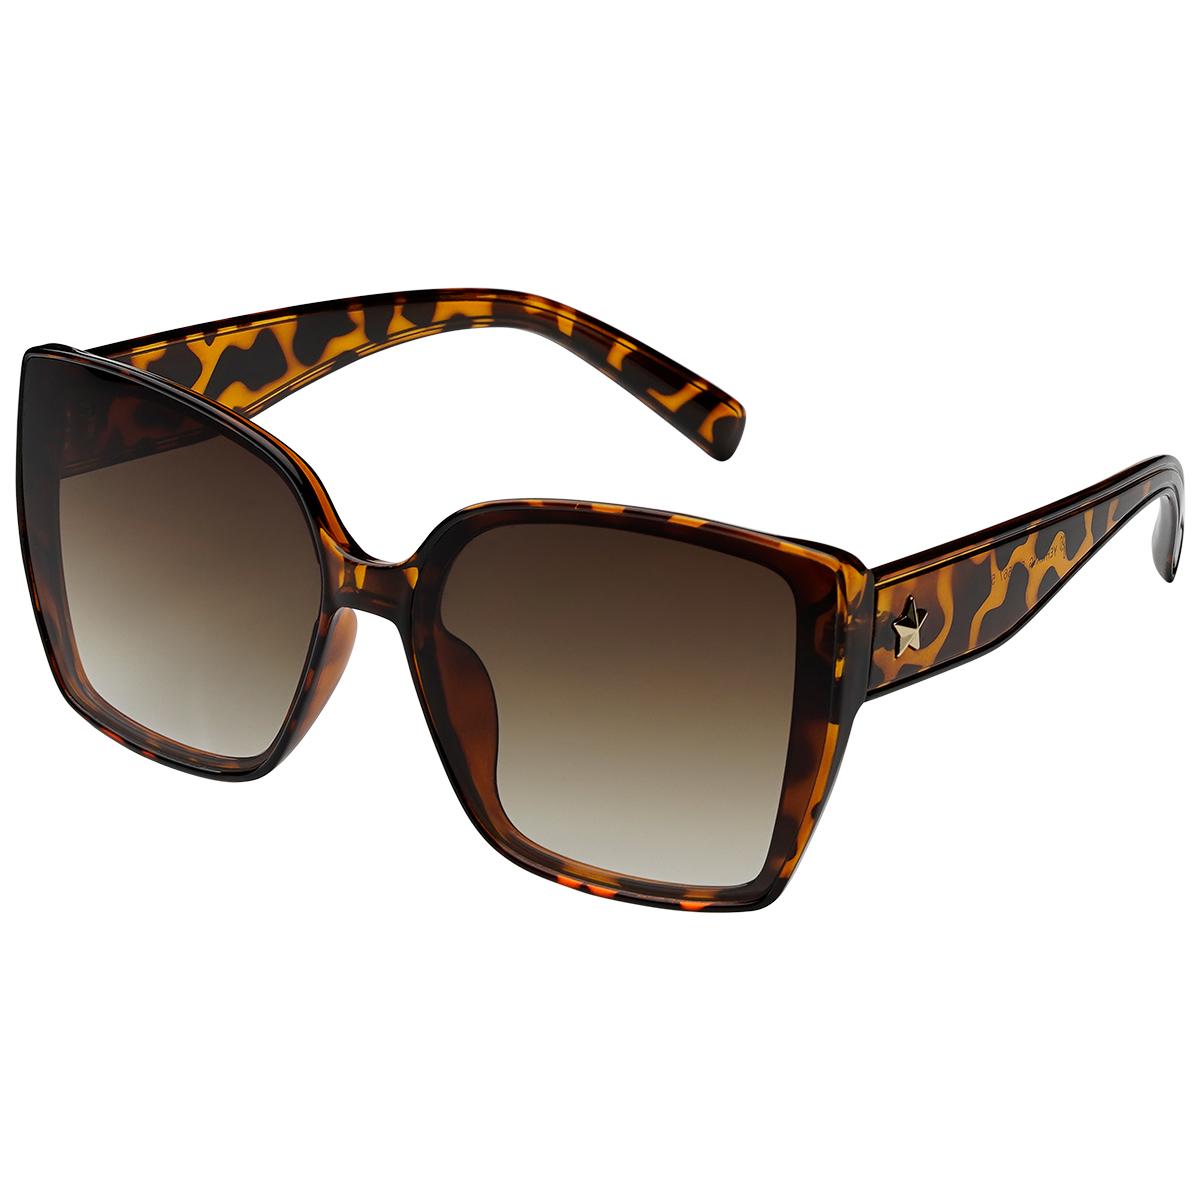 Zonnebril ster bruin bruine vierkante dames zonnebrillen ster stud zijkanten trendy festival brillen musthaves kopen bestellen yehwang